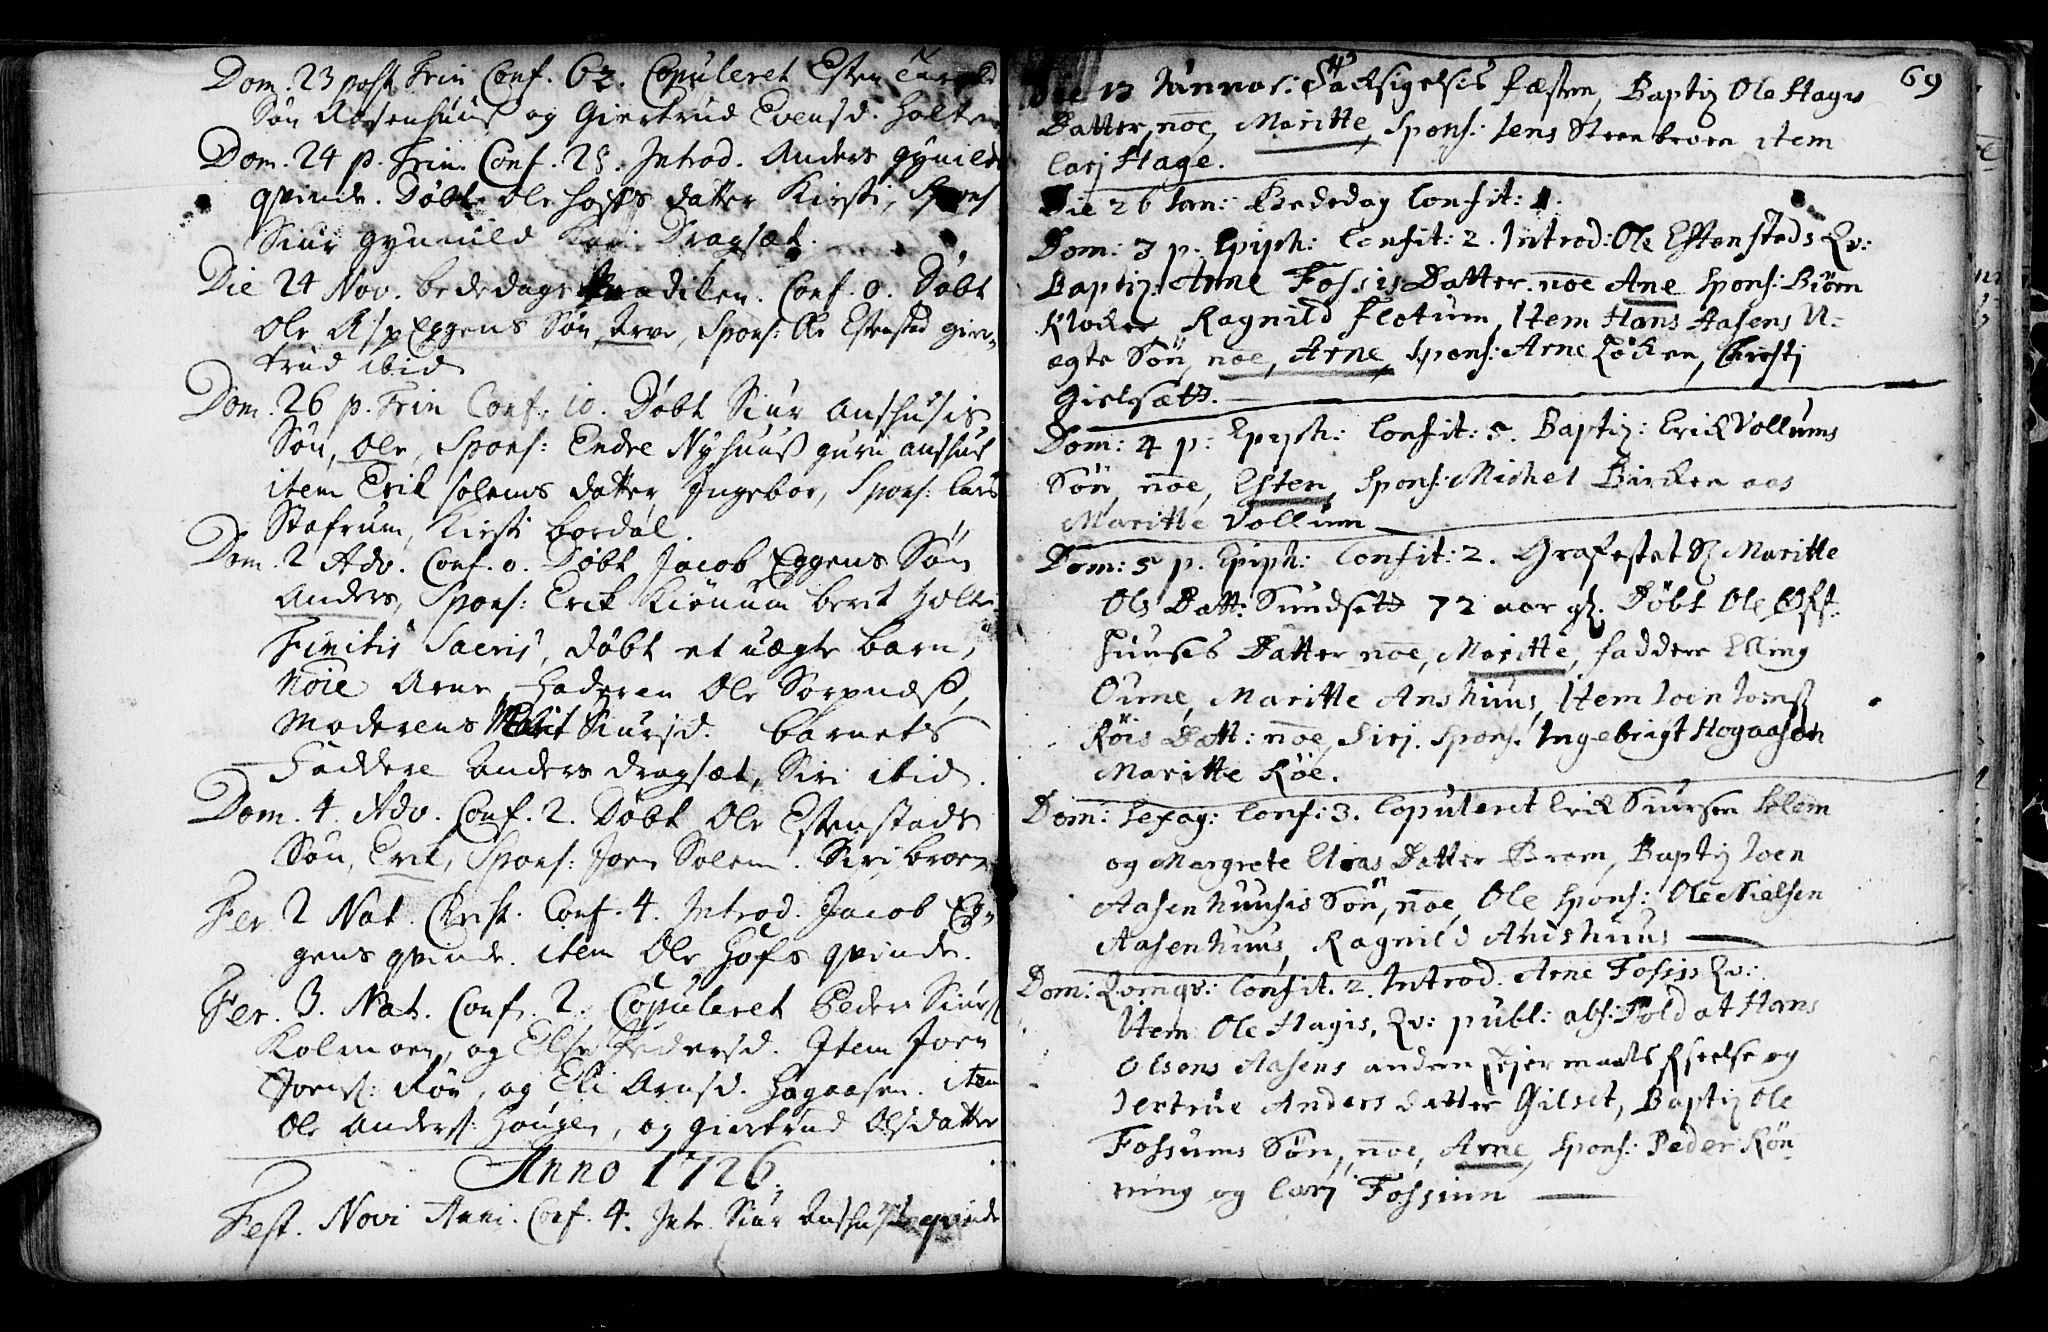 SAT, Ministerialprotokoller, klokkerbøker og fødselsregistre - Sør-Trøndelag, 689/L1036: Ministerialbok nr. 689A01, 1696-1746, s. 69